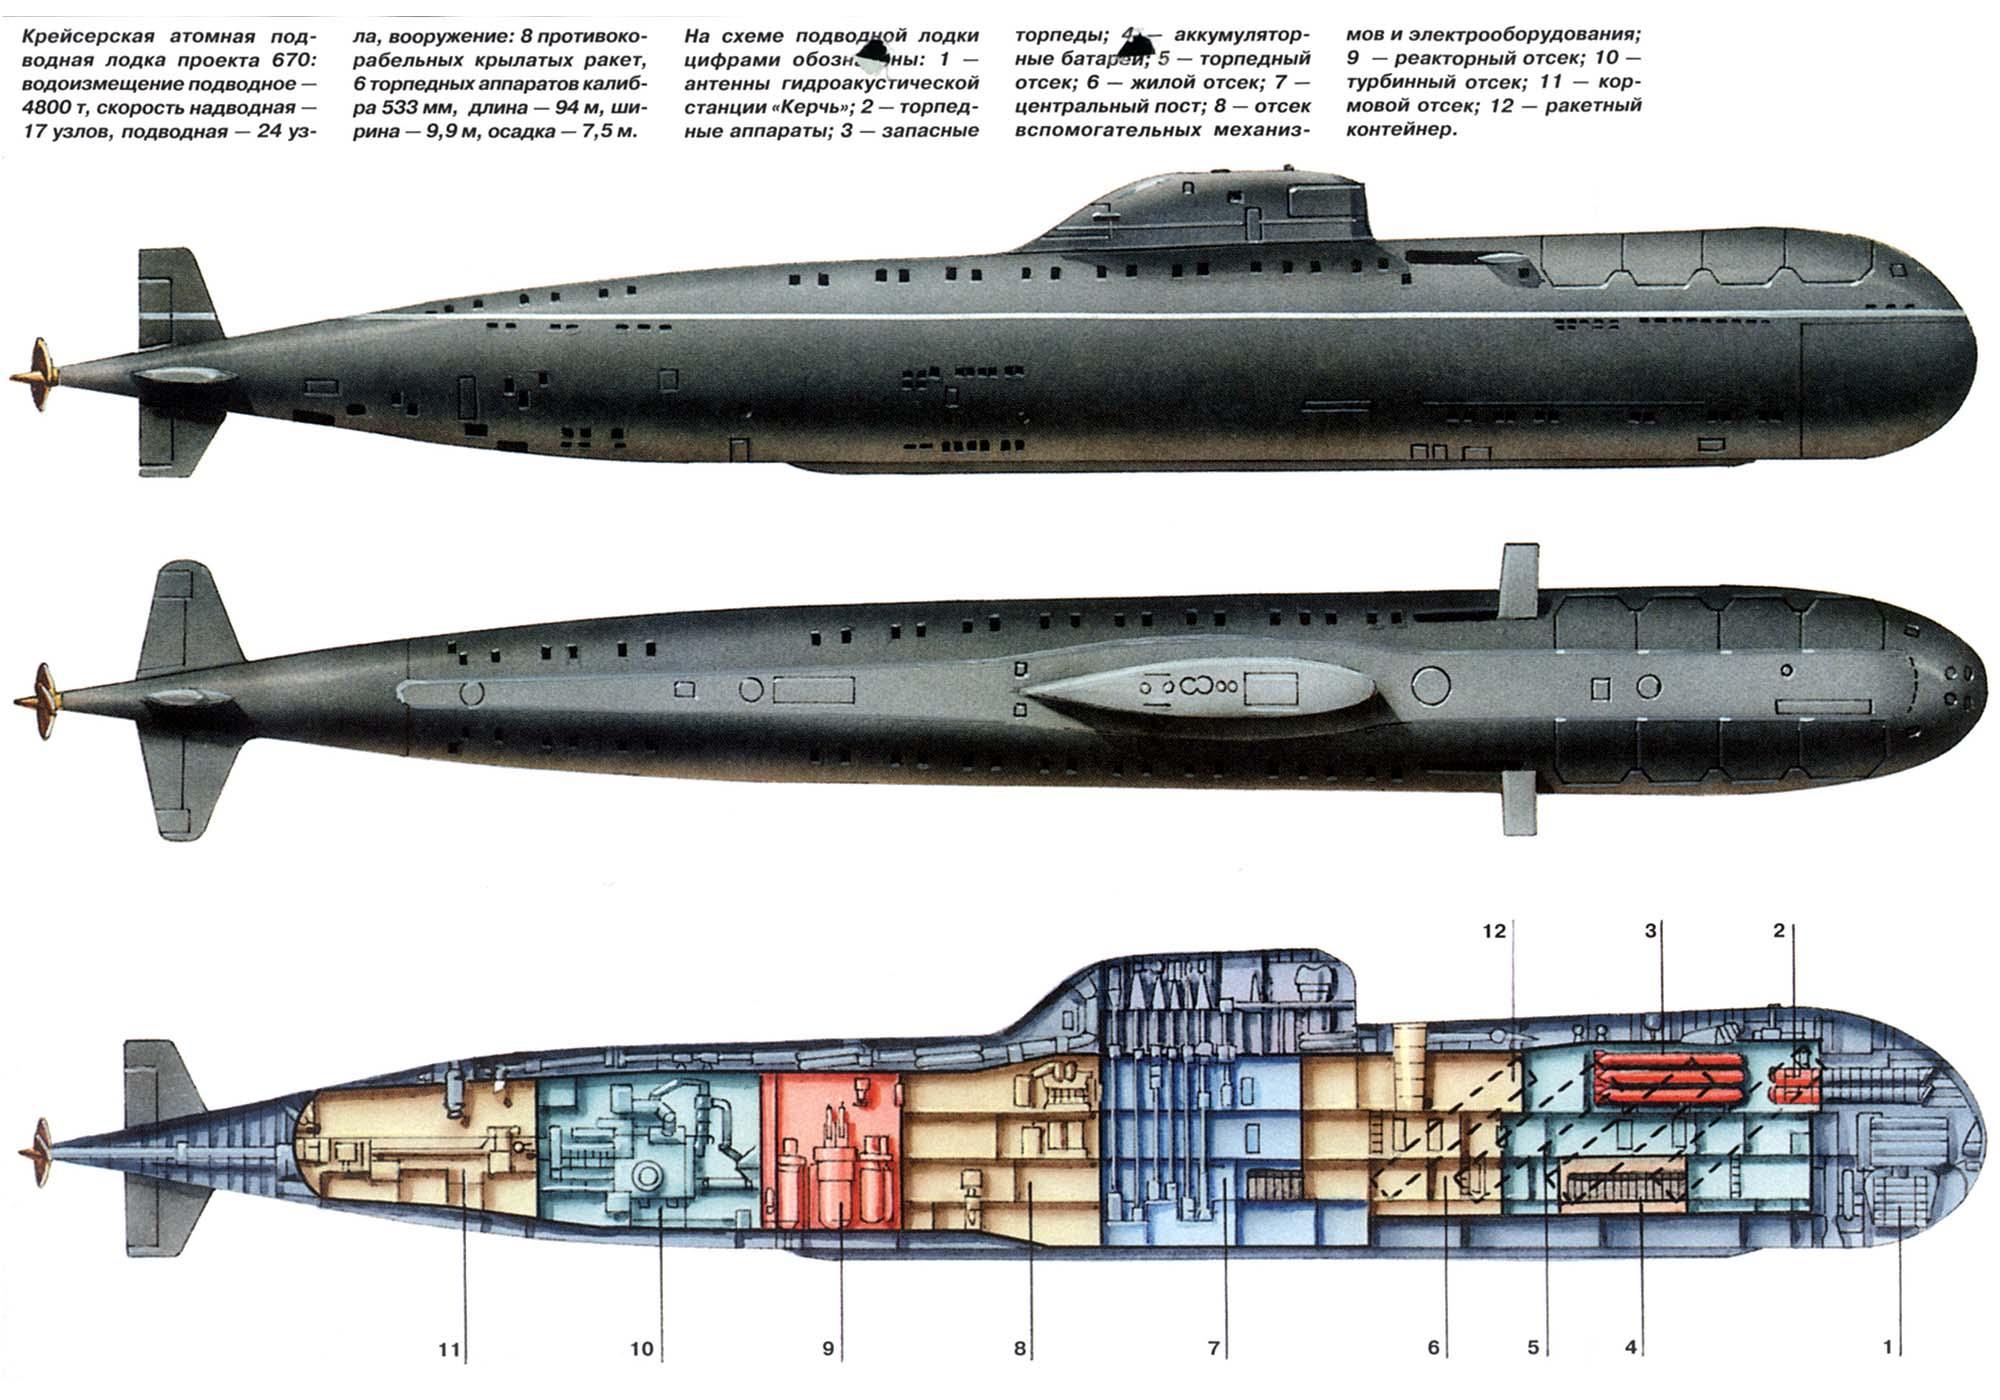 Разработка атомных подводных лодок с крылатыми ракетами проекта 670 &quot;Скат&quot; (Charlie-I)<br>Источник: http://atrinaflot.narod.ru/.